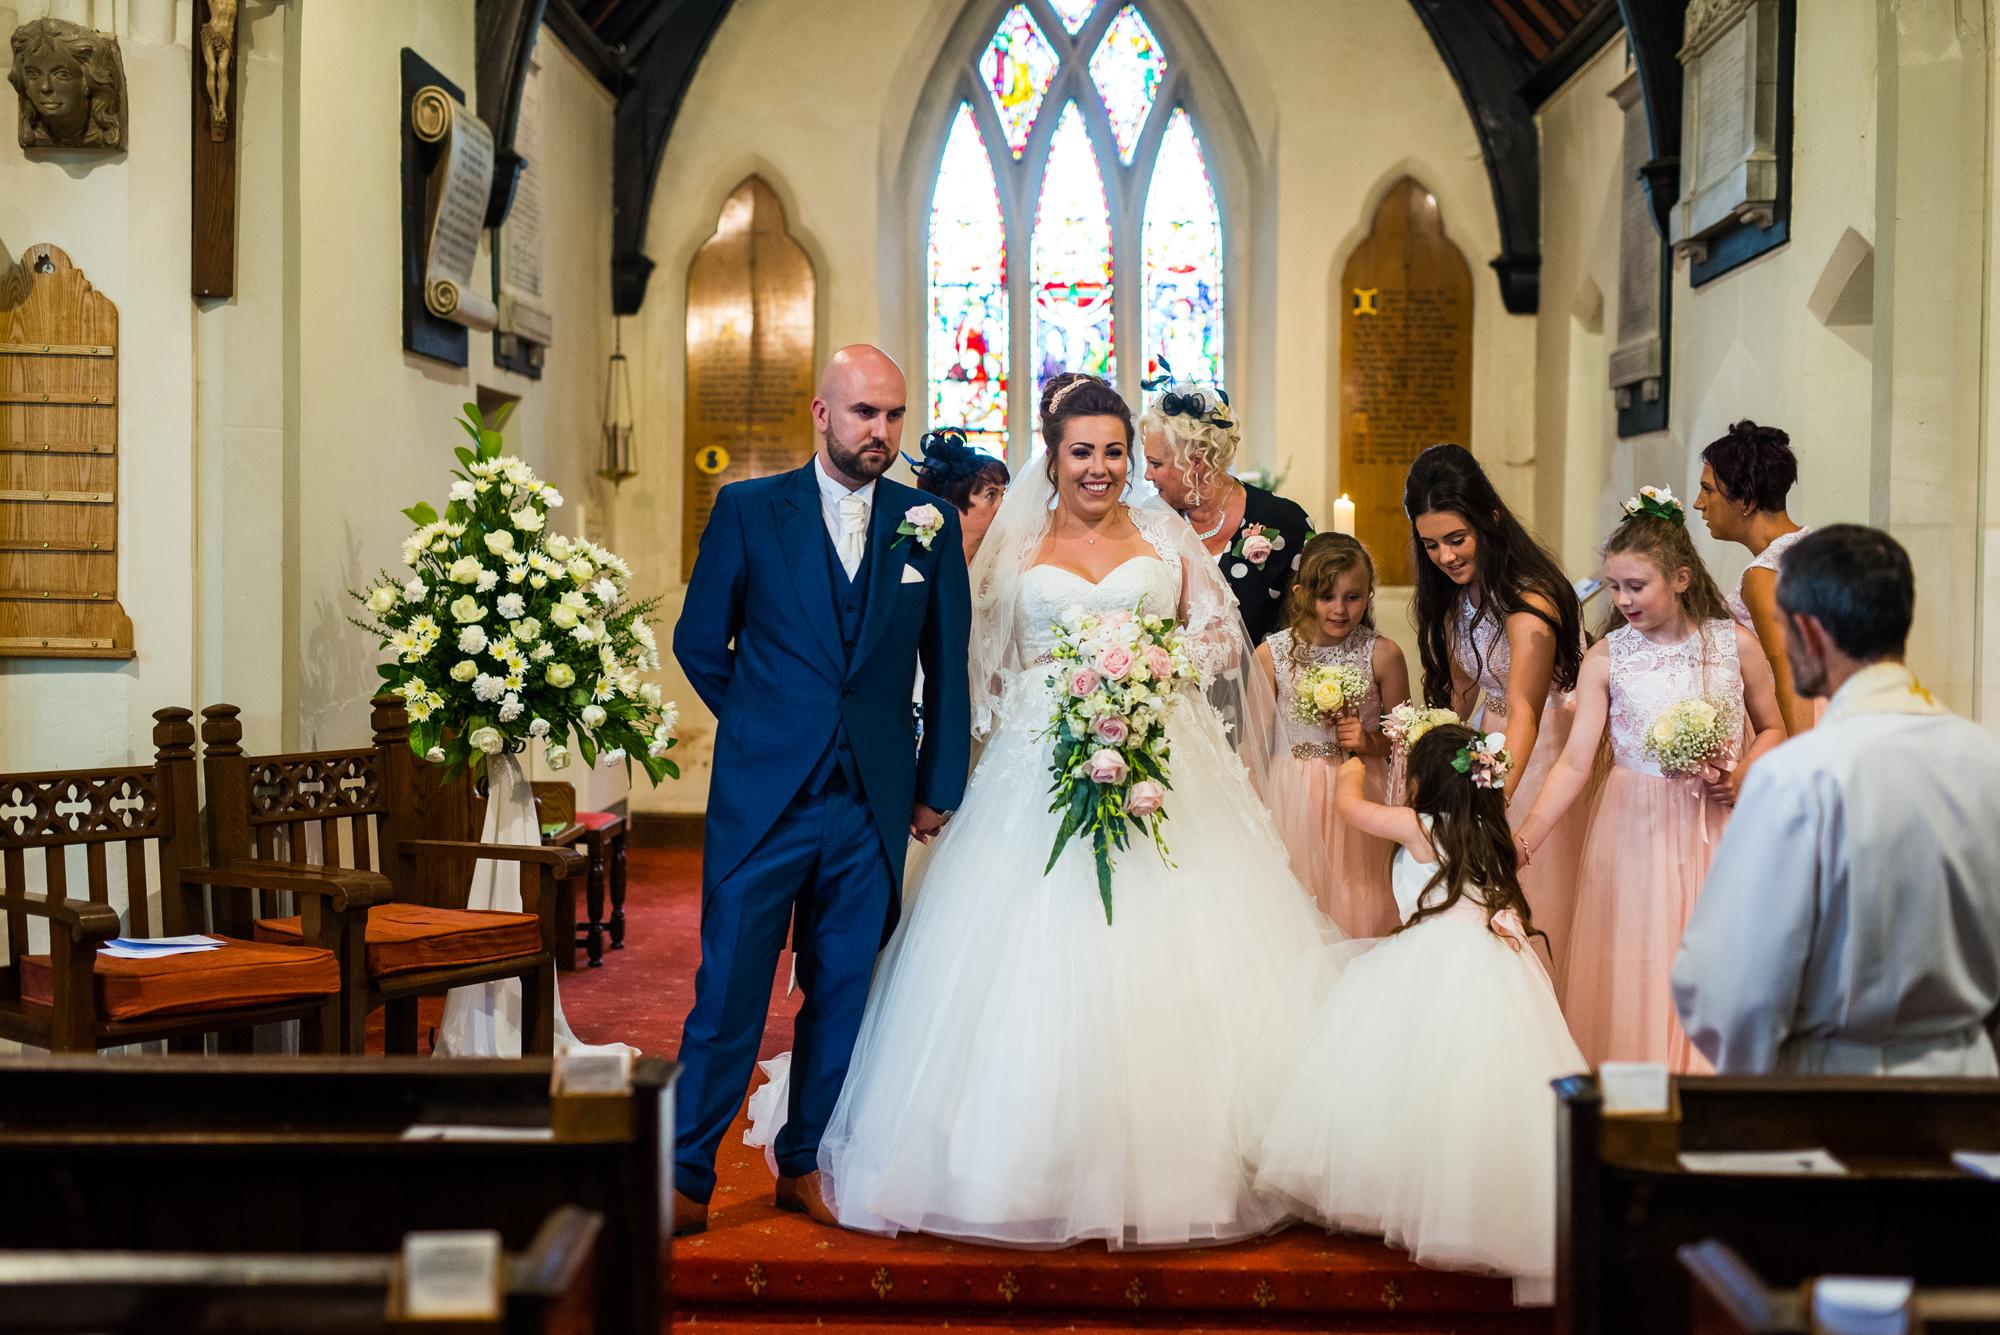 Roise and John wedding photos (147 of 383).jpg